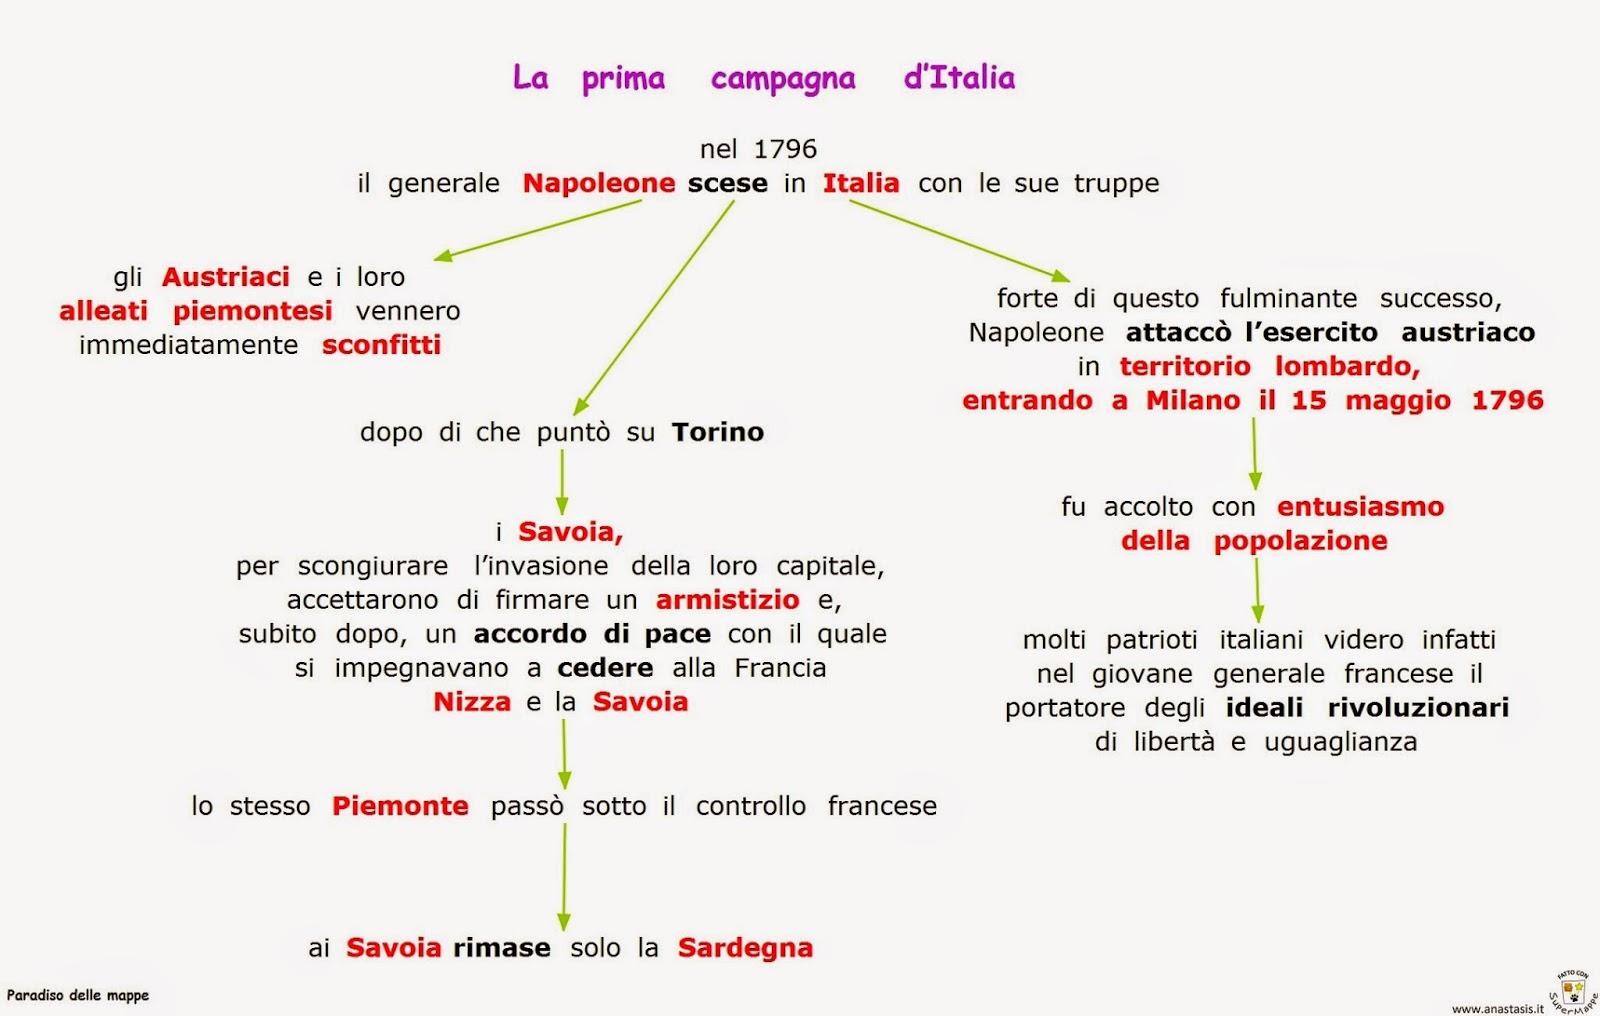 Paradiso delle mappe la prima campagna d 39 italia for Persiane di campagna francese